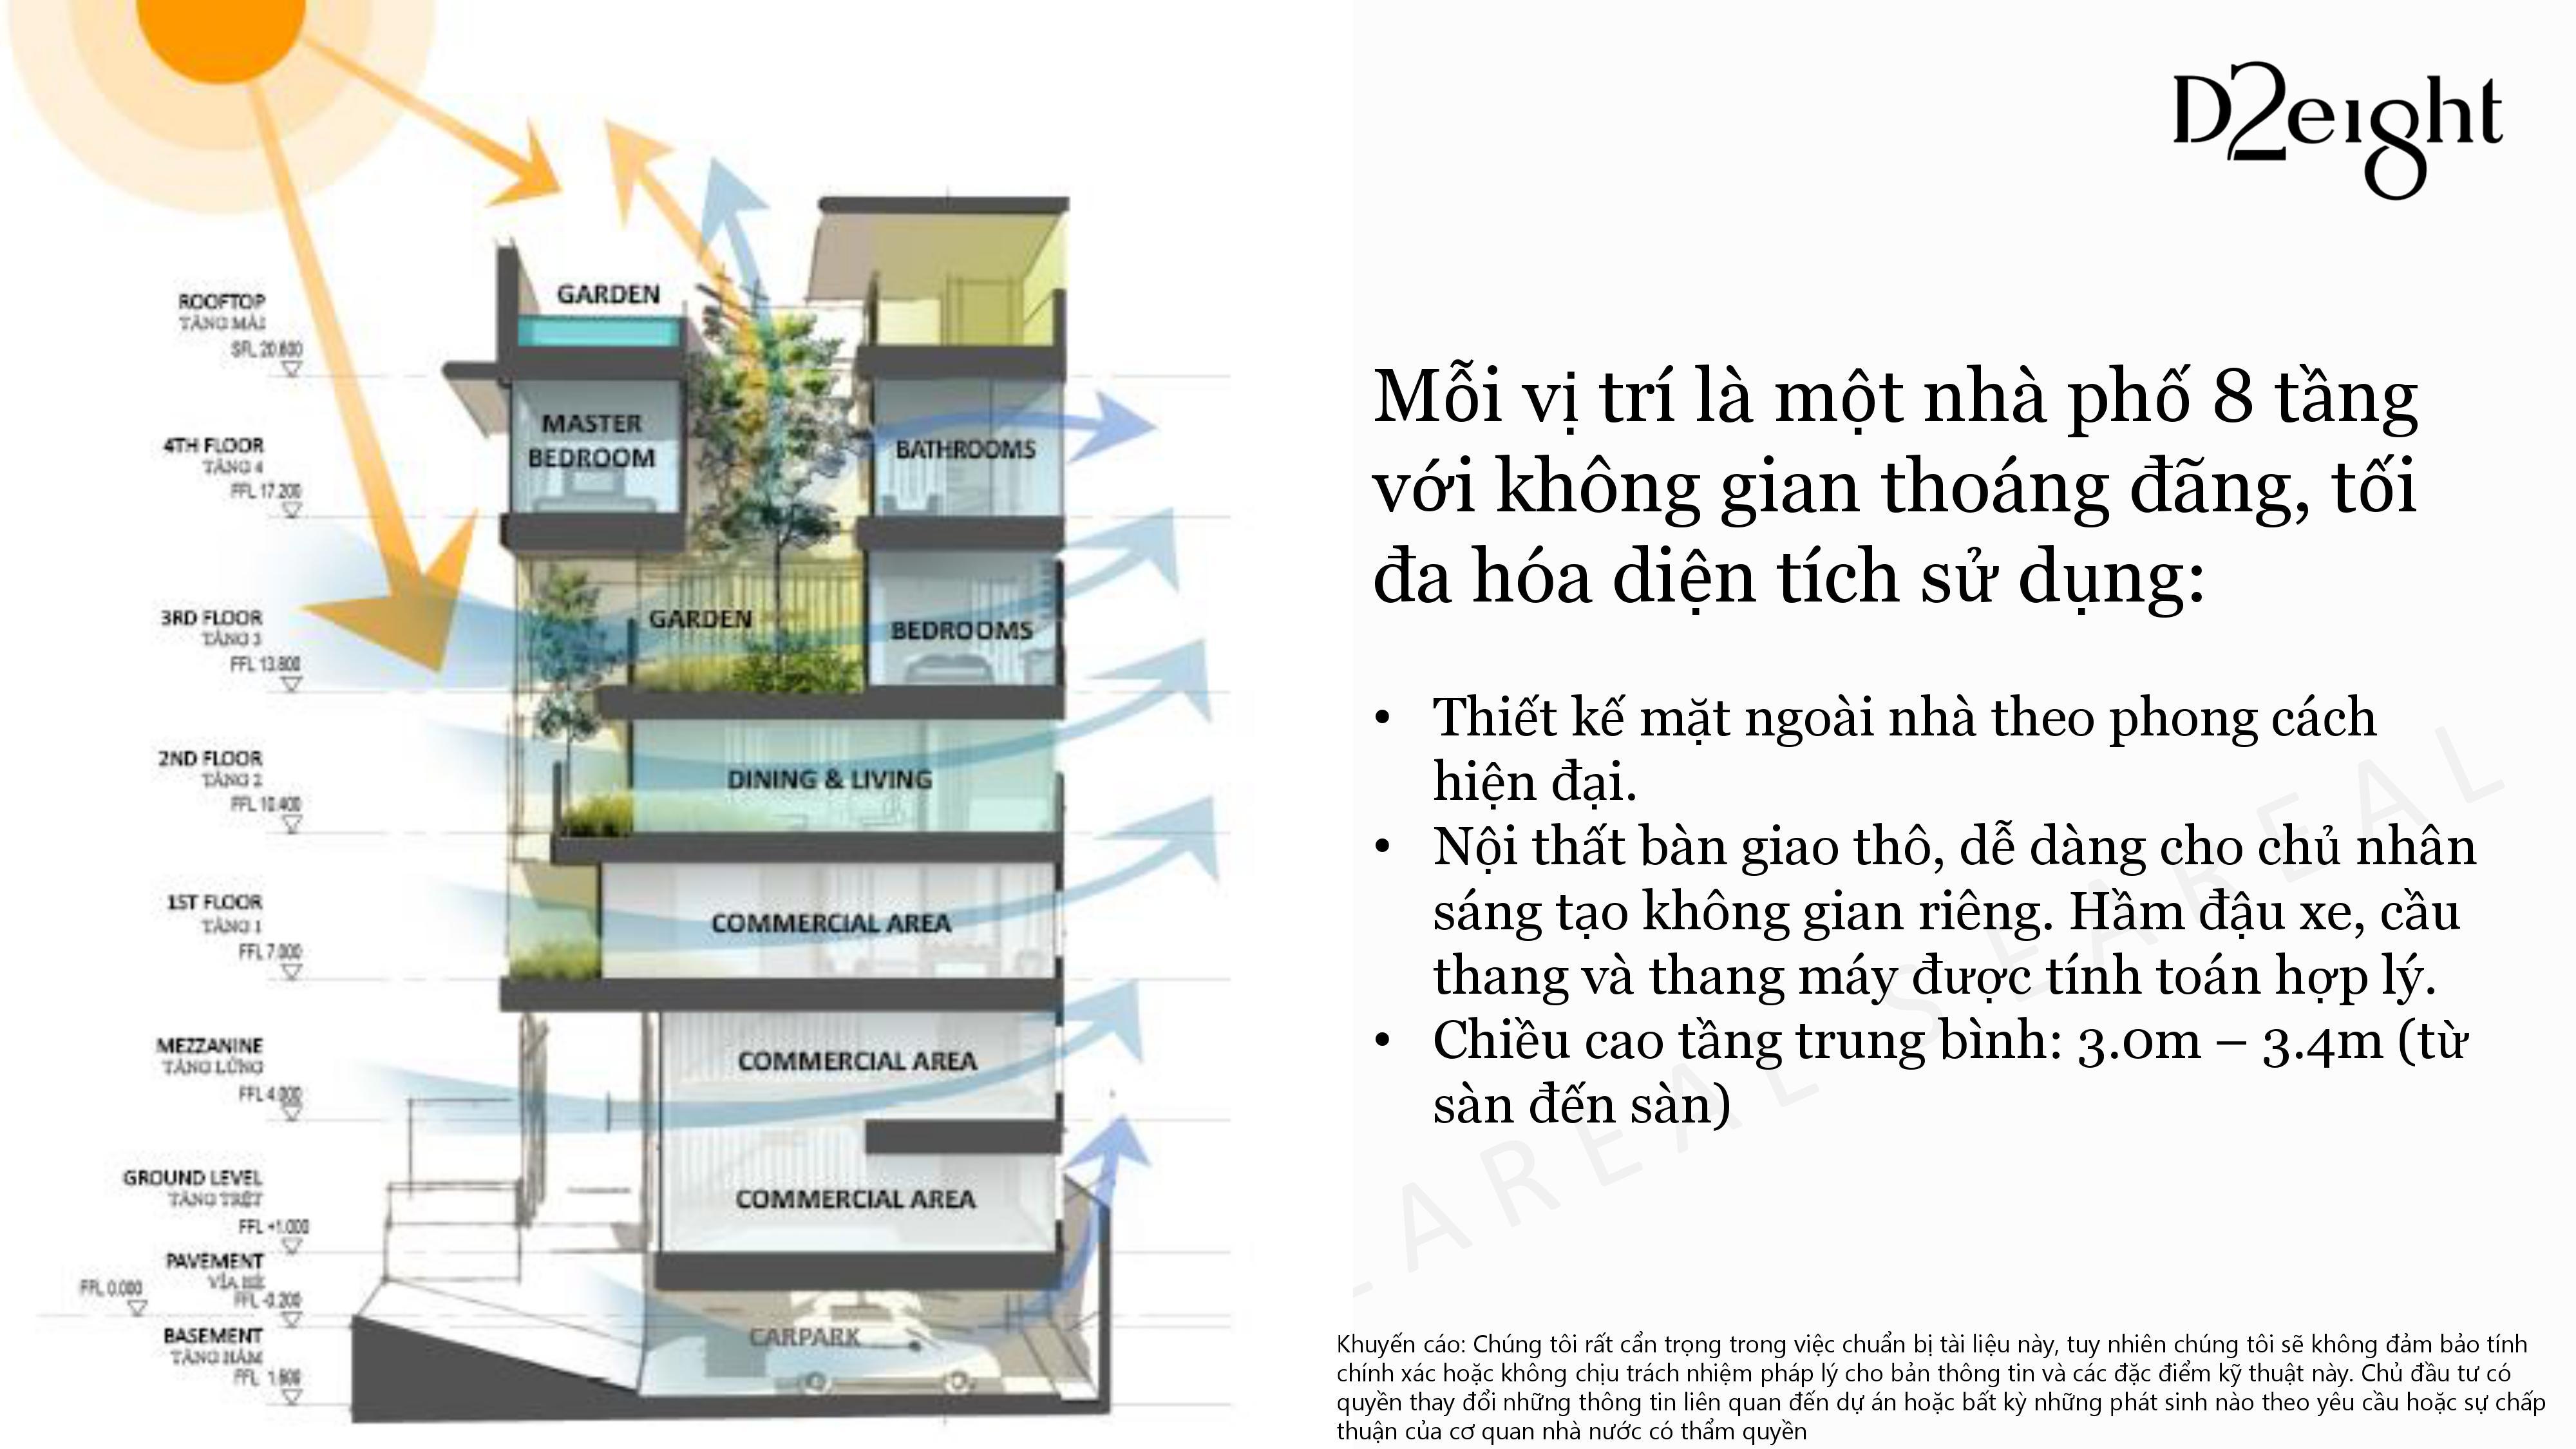 thiết kế layout dự án D2Eight